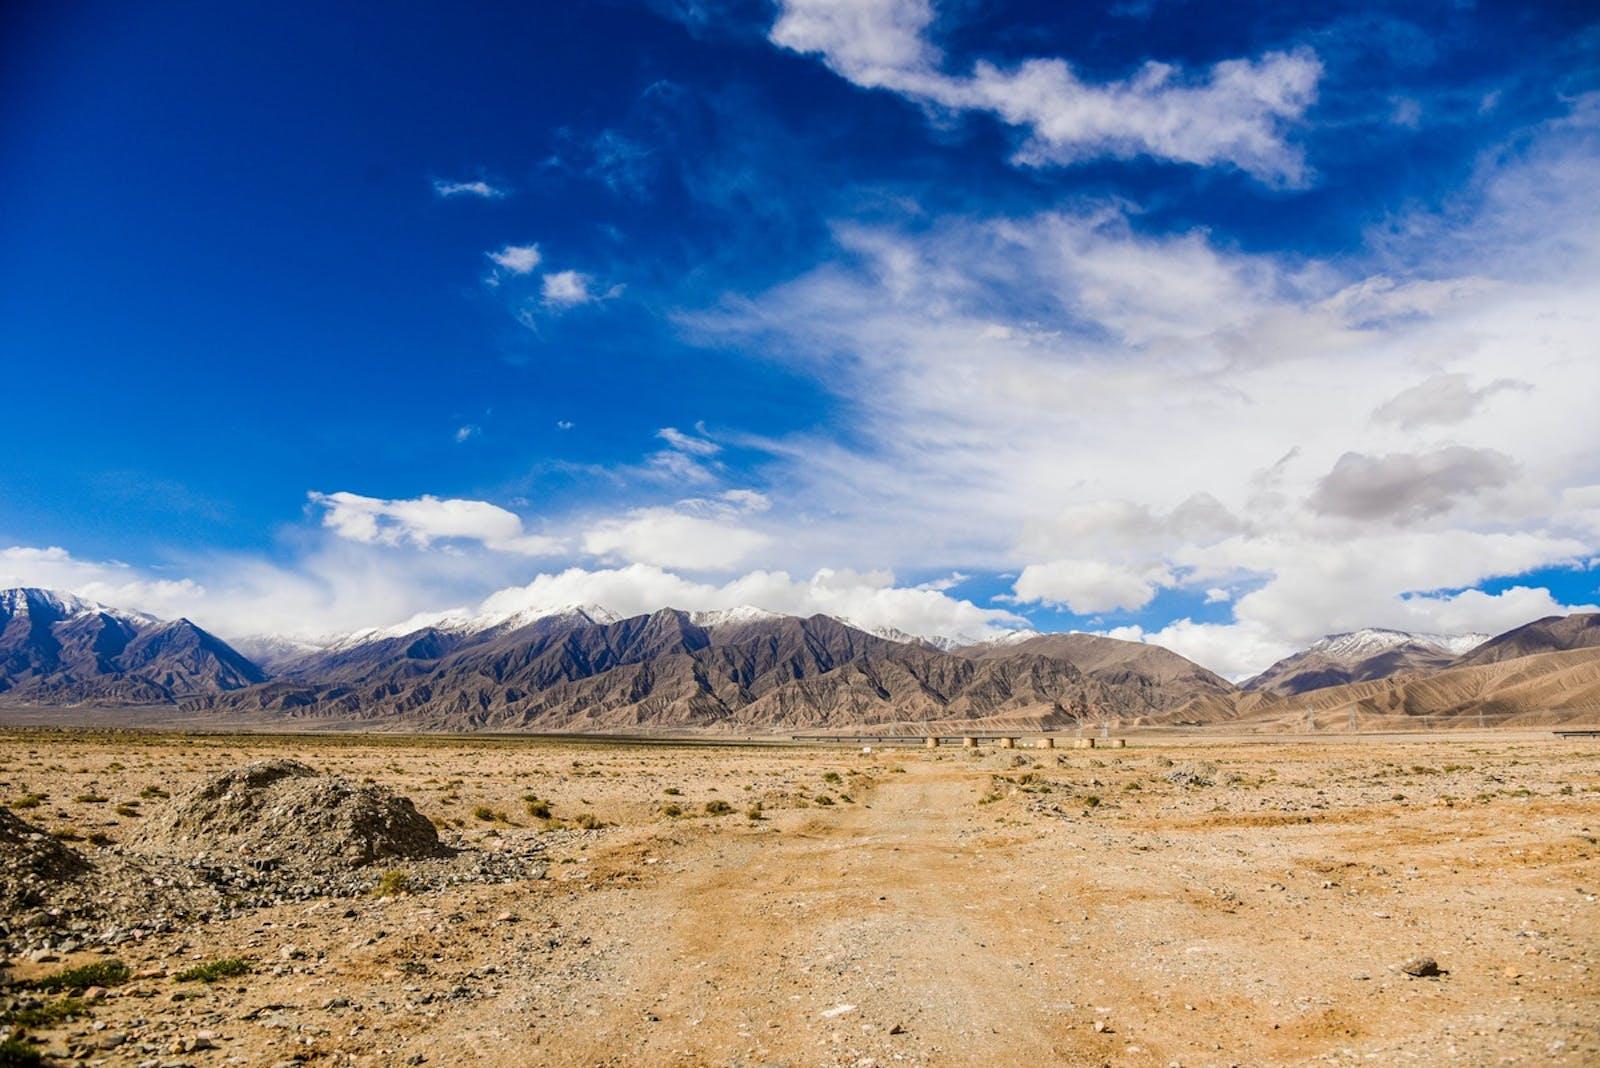 Qaidam Basin Semi-Desert